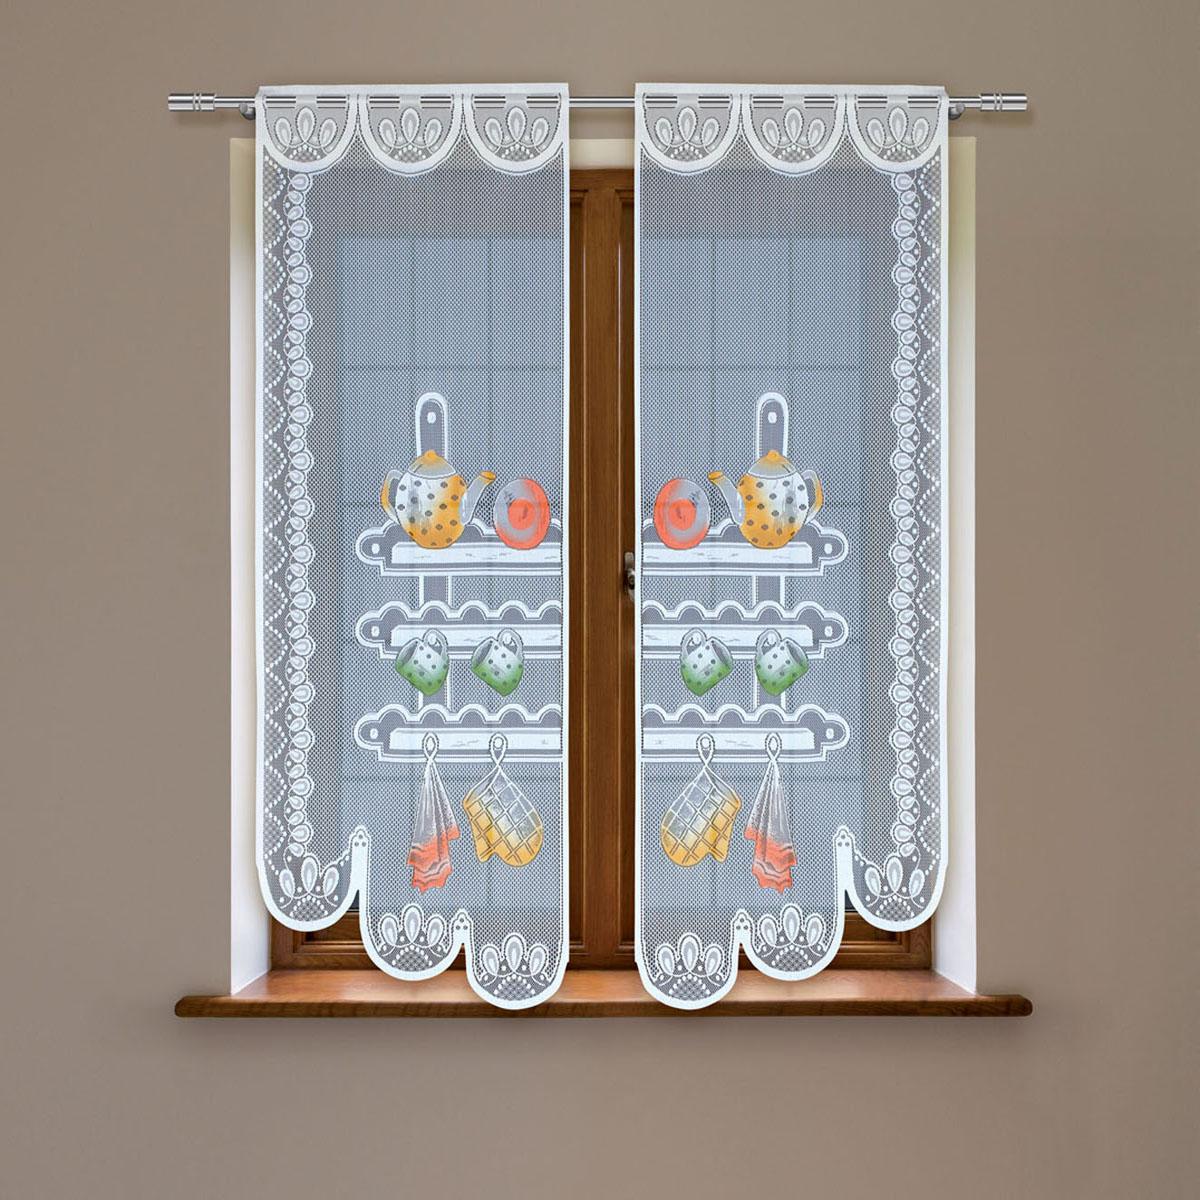 Гардина Haft, цвет: белый, высота 160 см. 8603С/60228410/107 зеленыйГардина имеет в верхней части полотна прорези, через которые гардина-витраж вывешивается на карниз или можно крепить на зажим для штор,котрый в комплект не входит.Комплект состоит из двух полотен (выс.160* шир.60) Размеры: (высота 160* ширина 60)*2